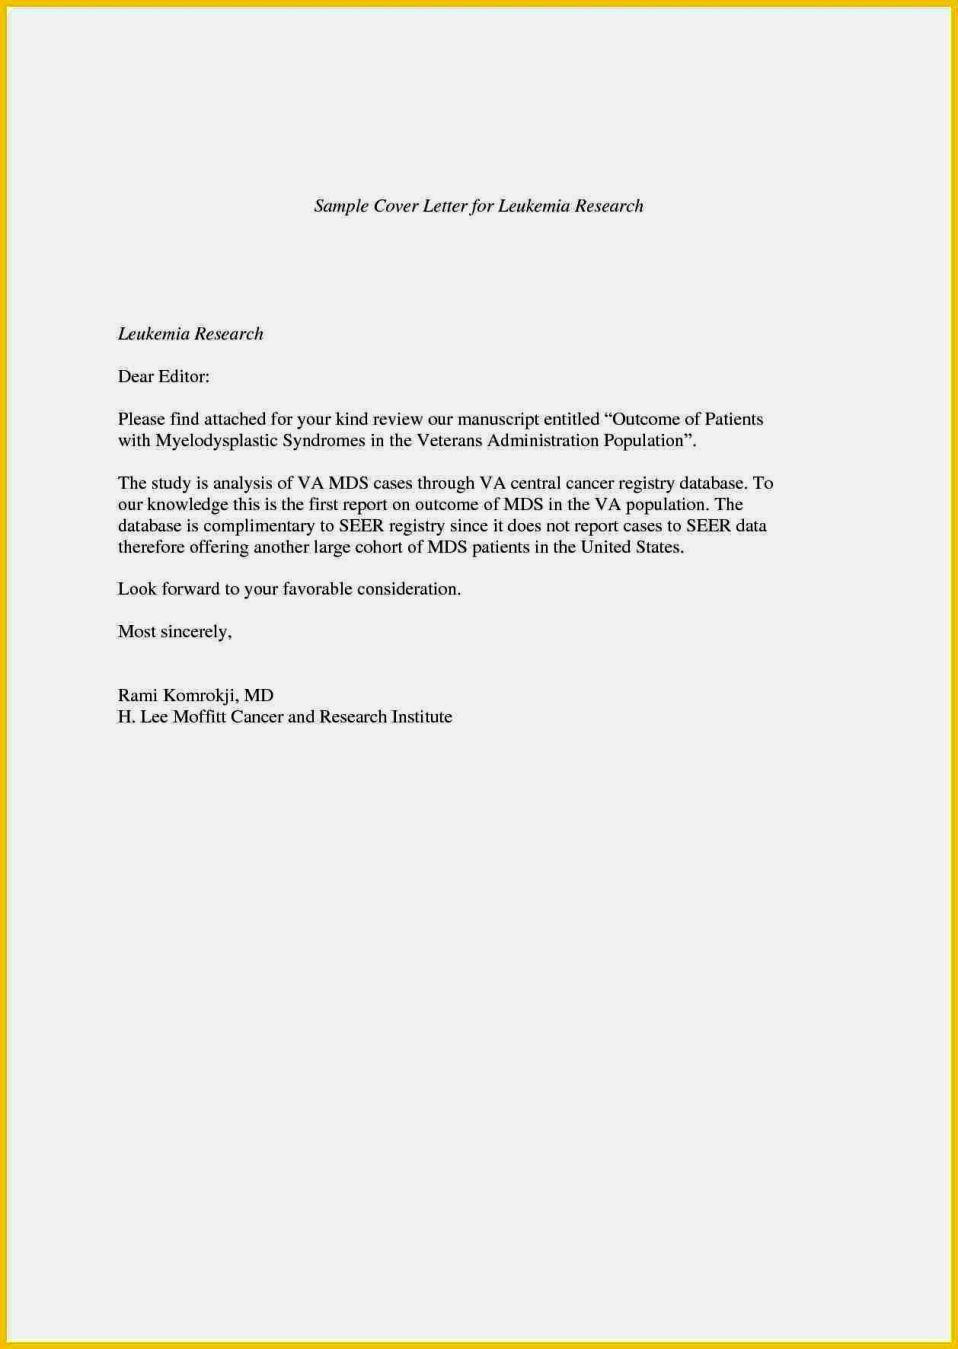 002 Astounding Short Cover Letter Template Picture  Uk StoryFull